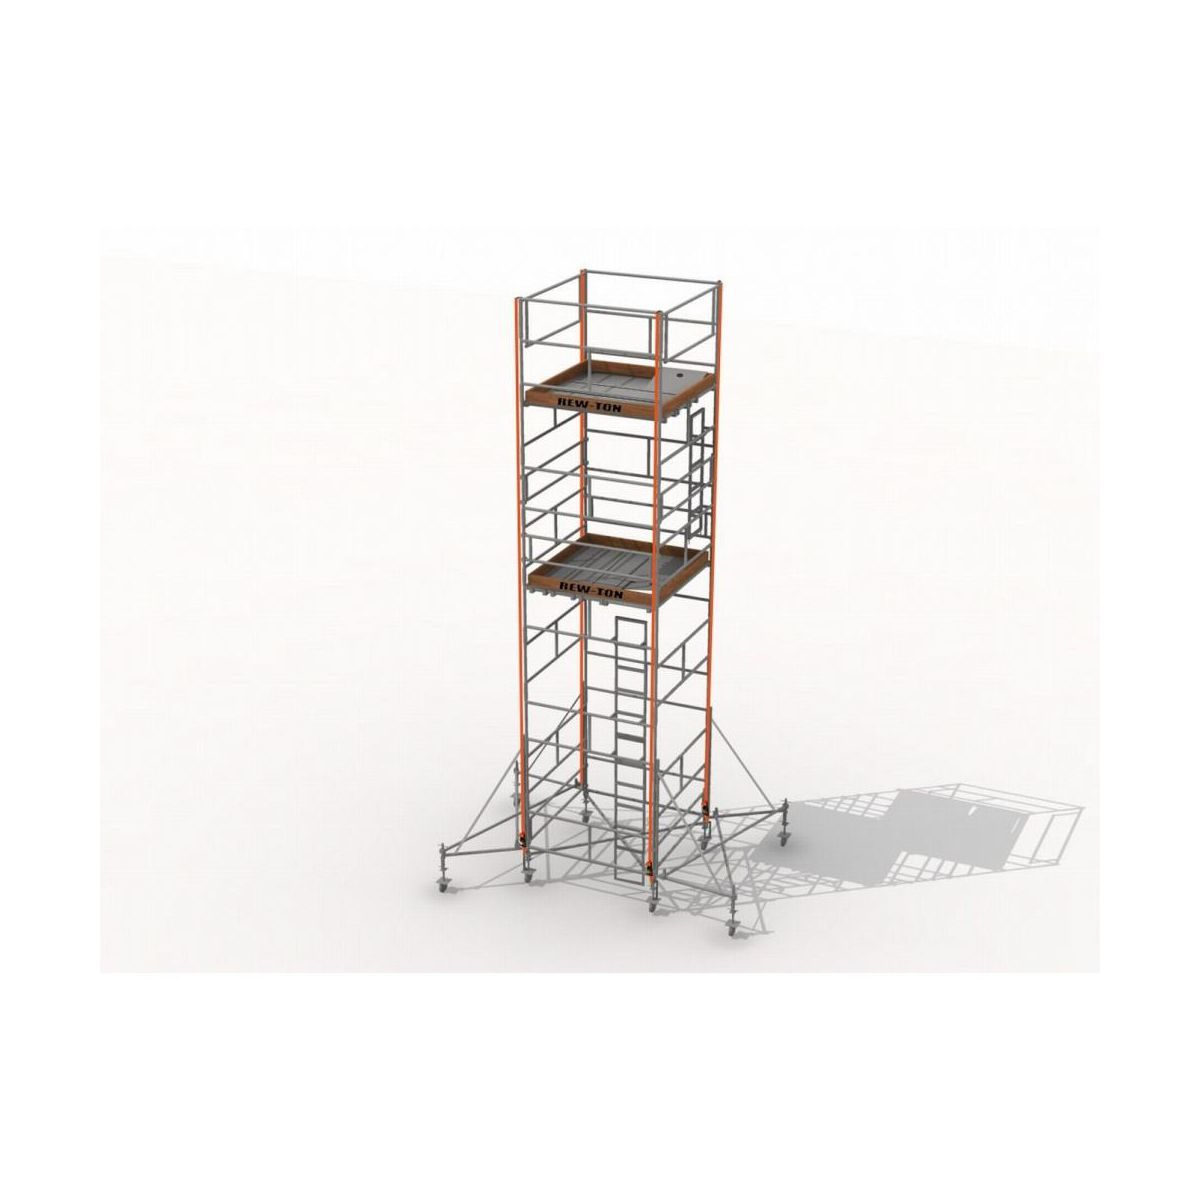 Rama Konstrukcyjna Rusztowania 1 A B 1 6 M Rew Ton Rusztowania W Atrakcyjnej Cenie W Sklepach Leroy Merlin